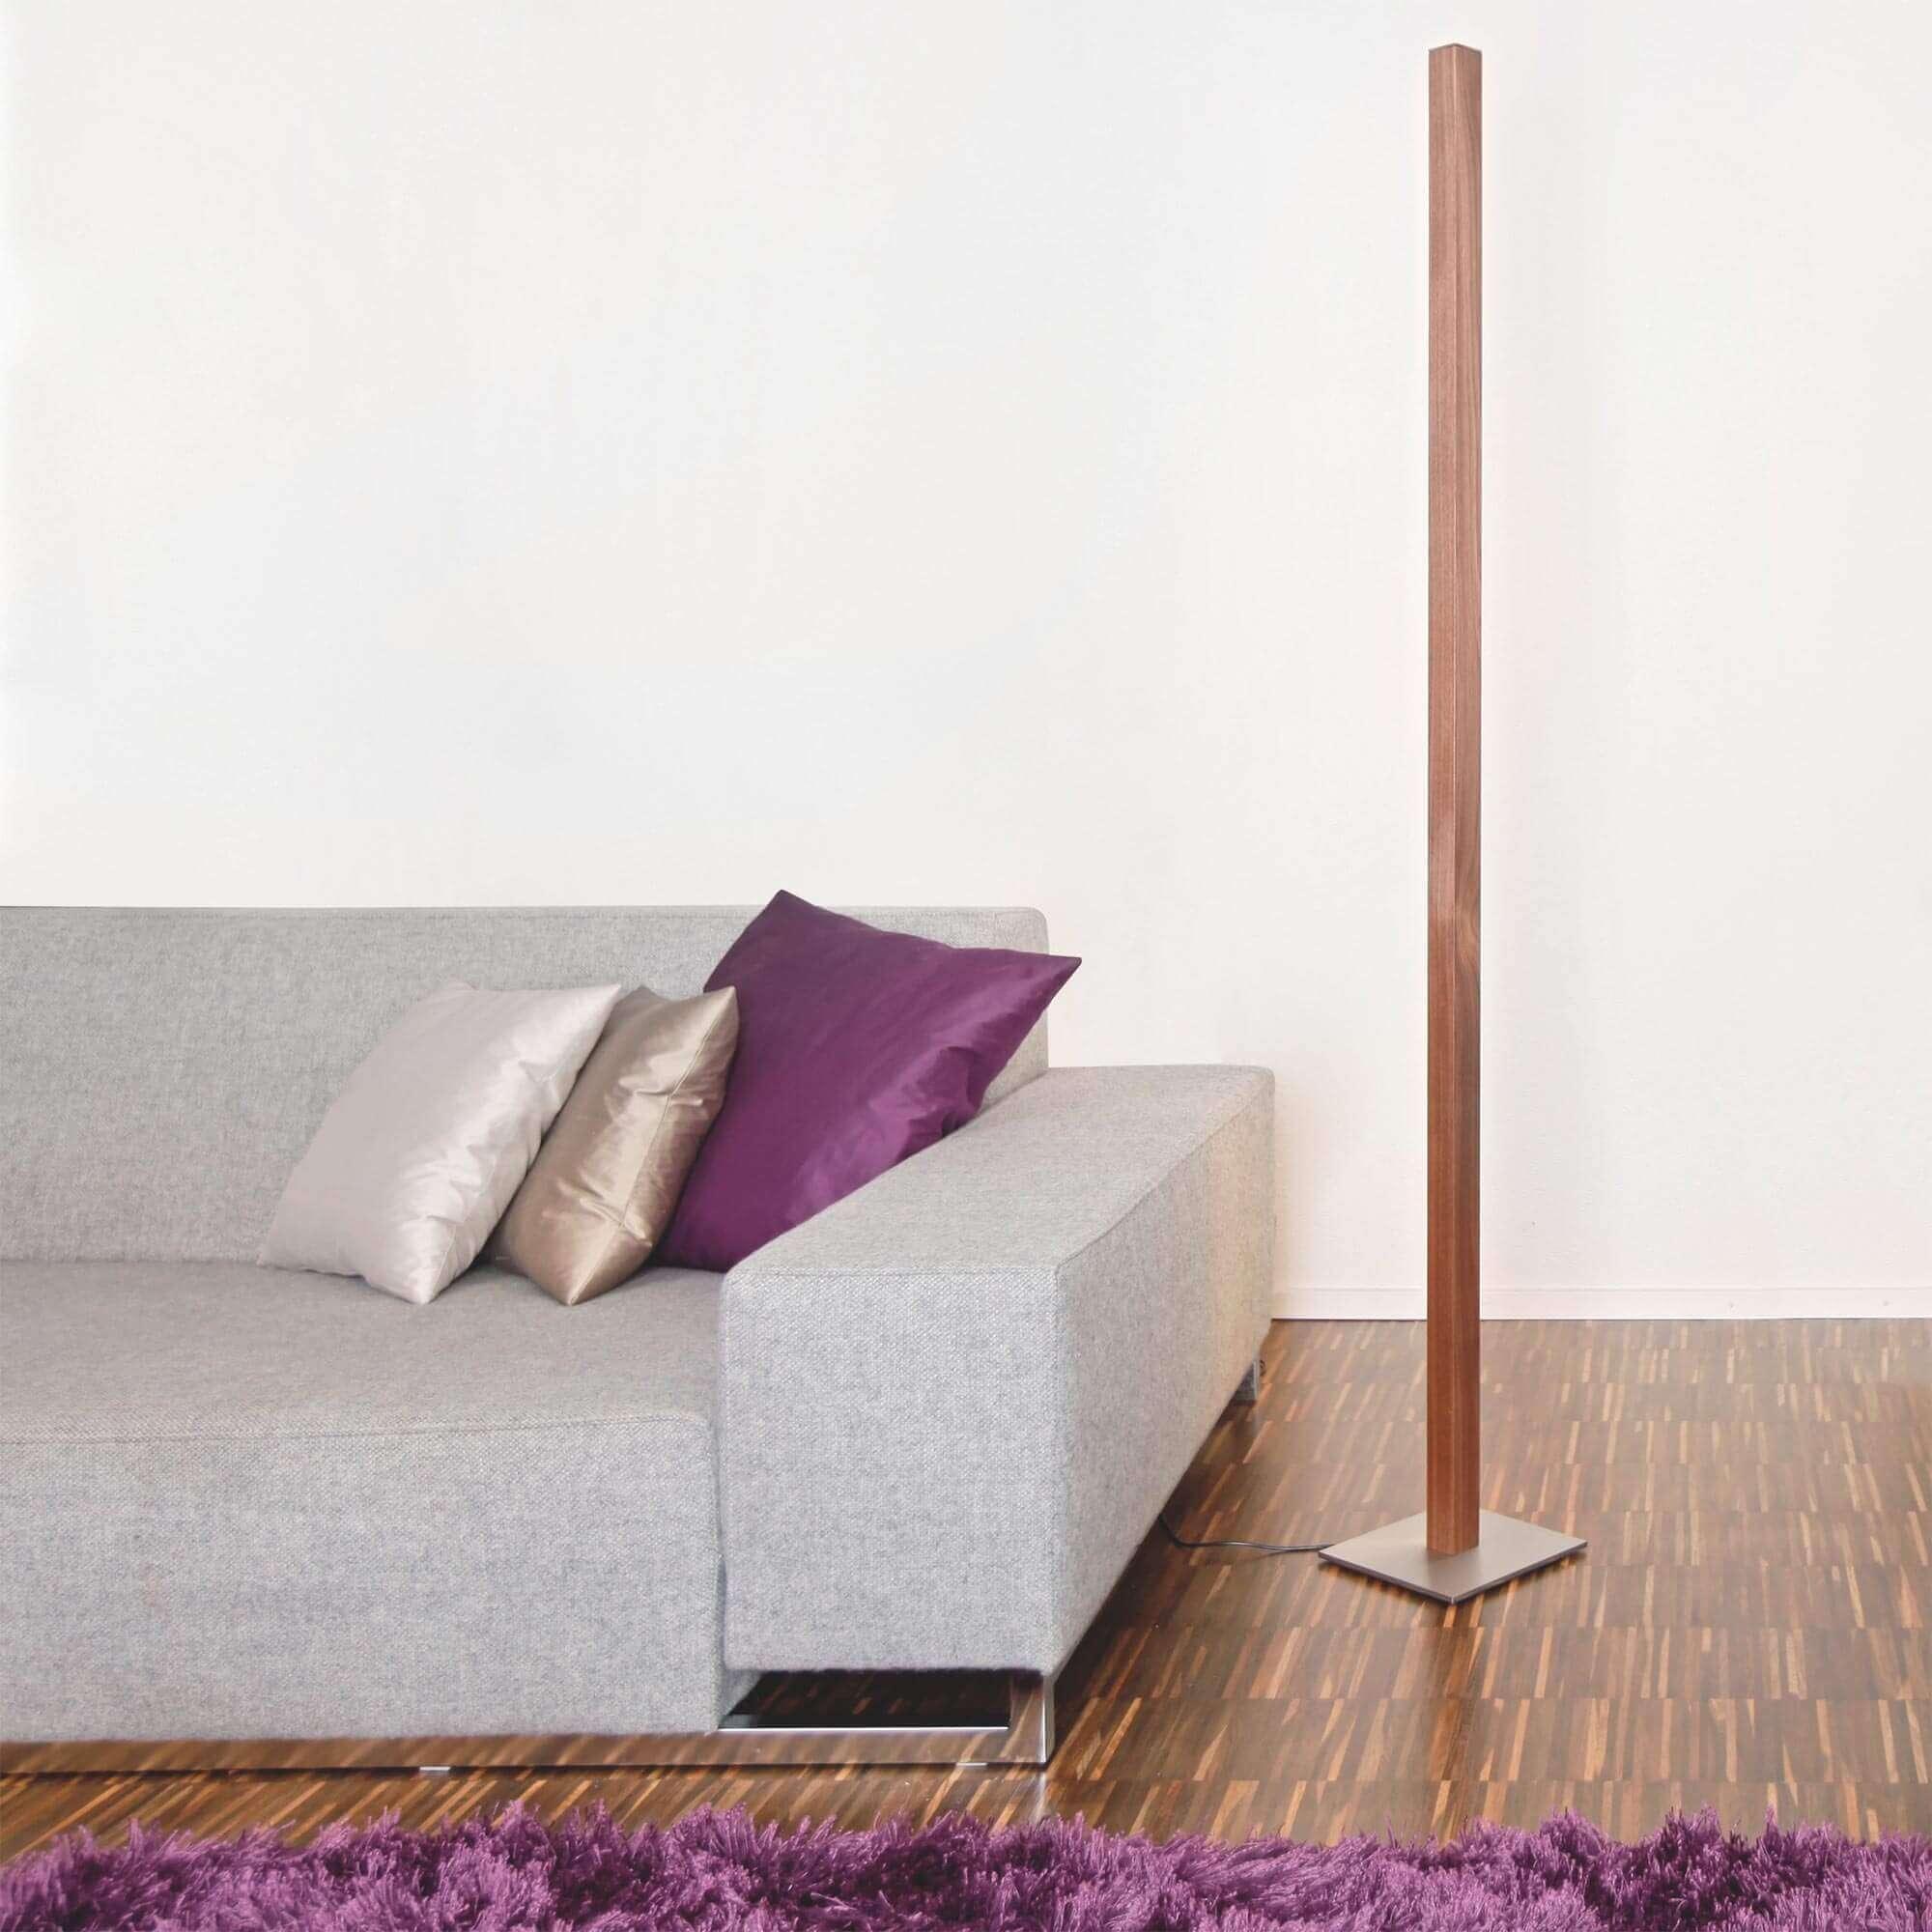 Stehleuchte Eiger 2 Aus Holz Mit Led Swiss Made